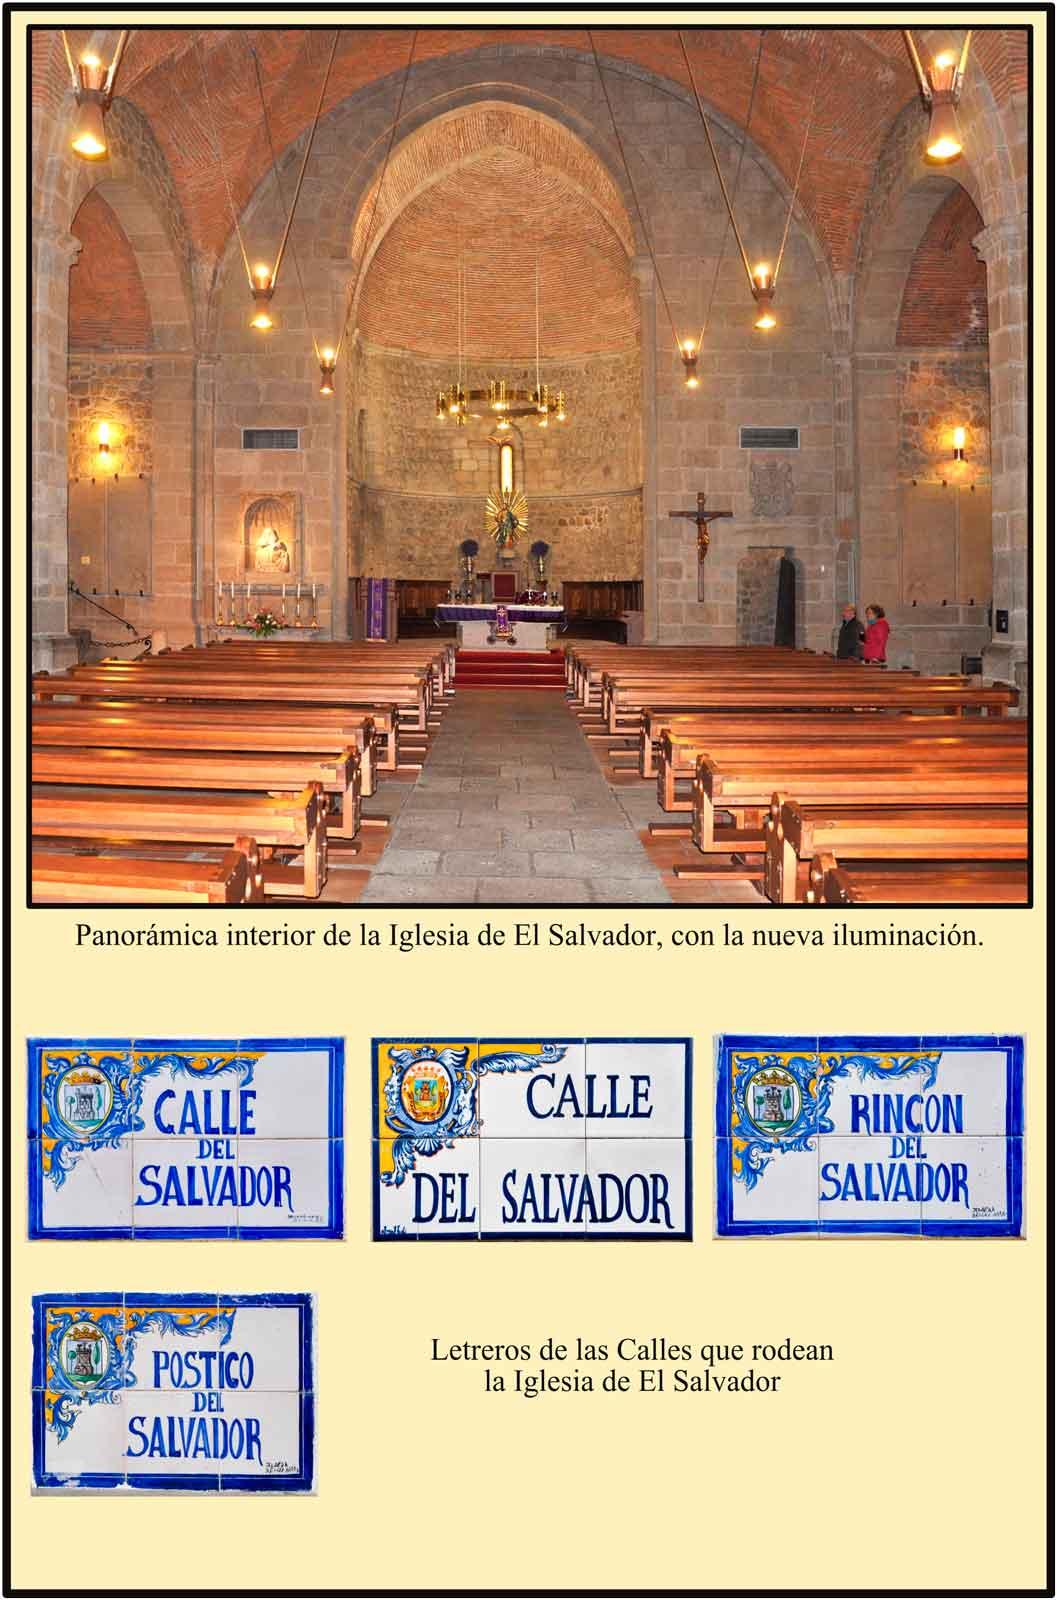 Interior de la Iglesia de El Salvador con el abside y la nave principal iluminados